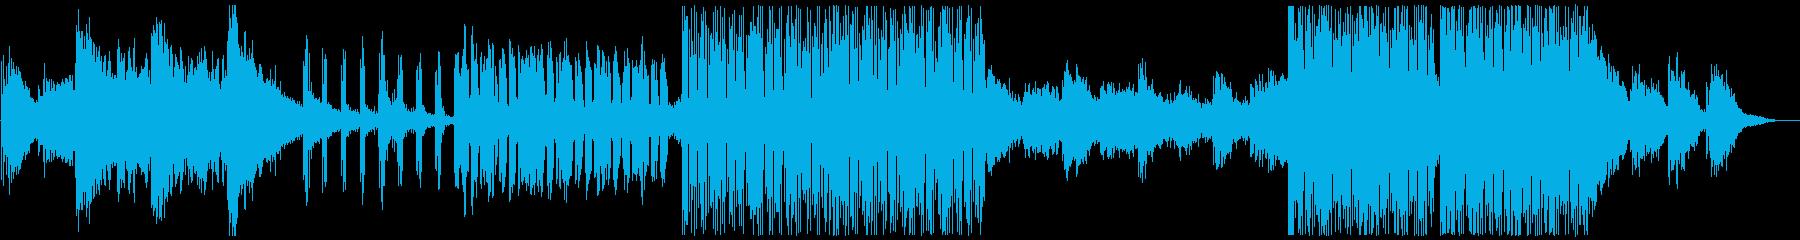 モダン テクノ エピック ファンタ...の再生済みの波形